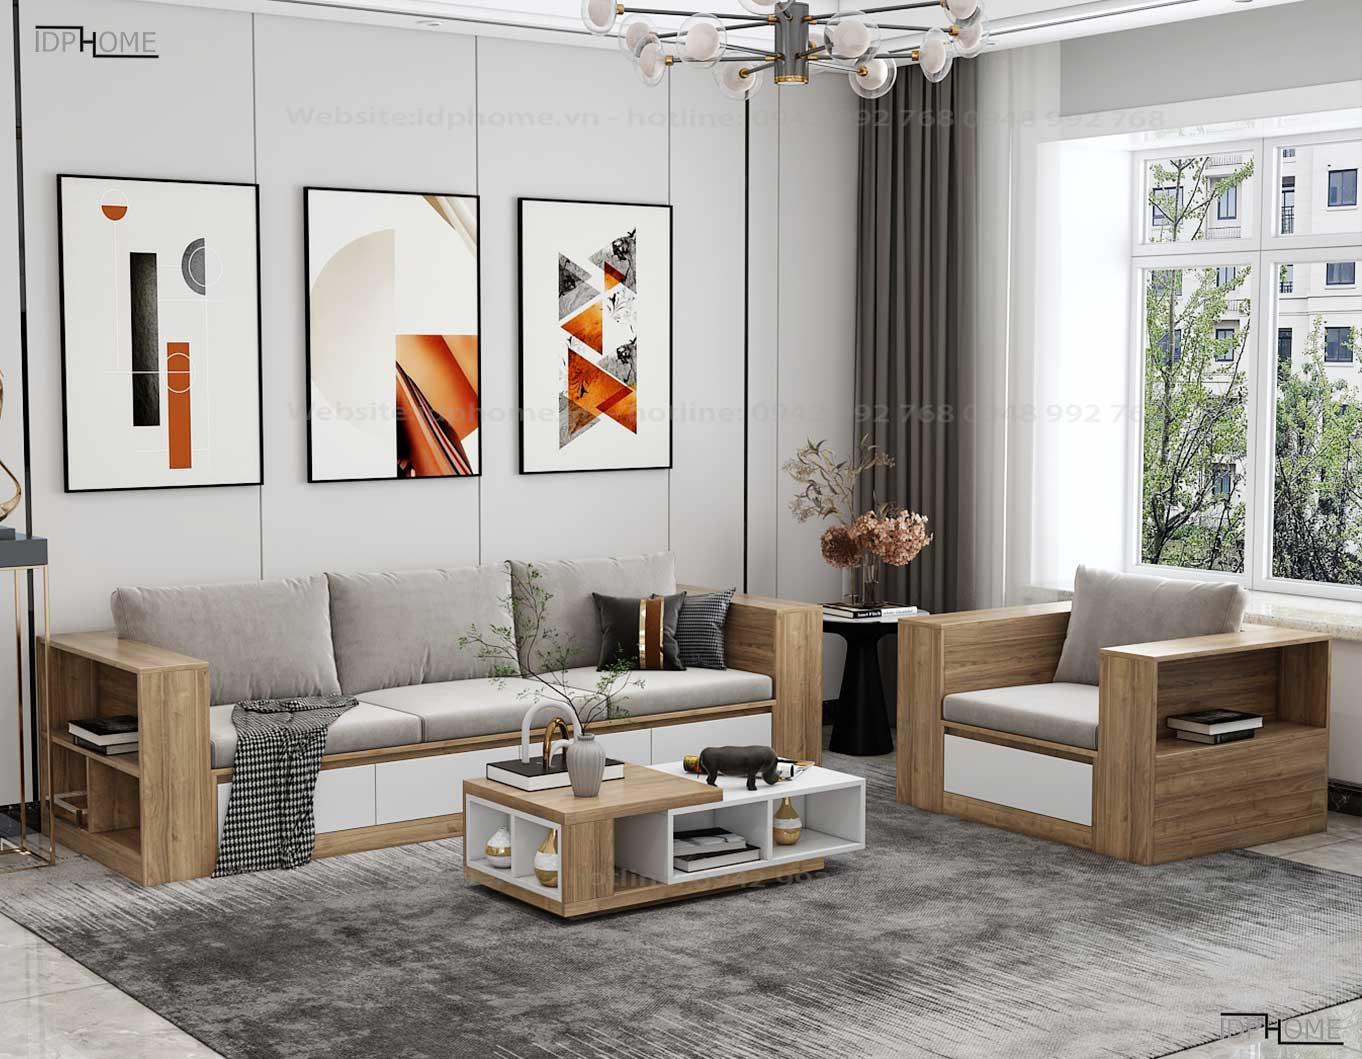 Mẫu ghế sofa gỗ công nghiệp đẹp SB6802